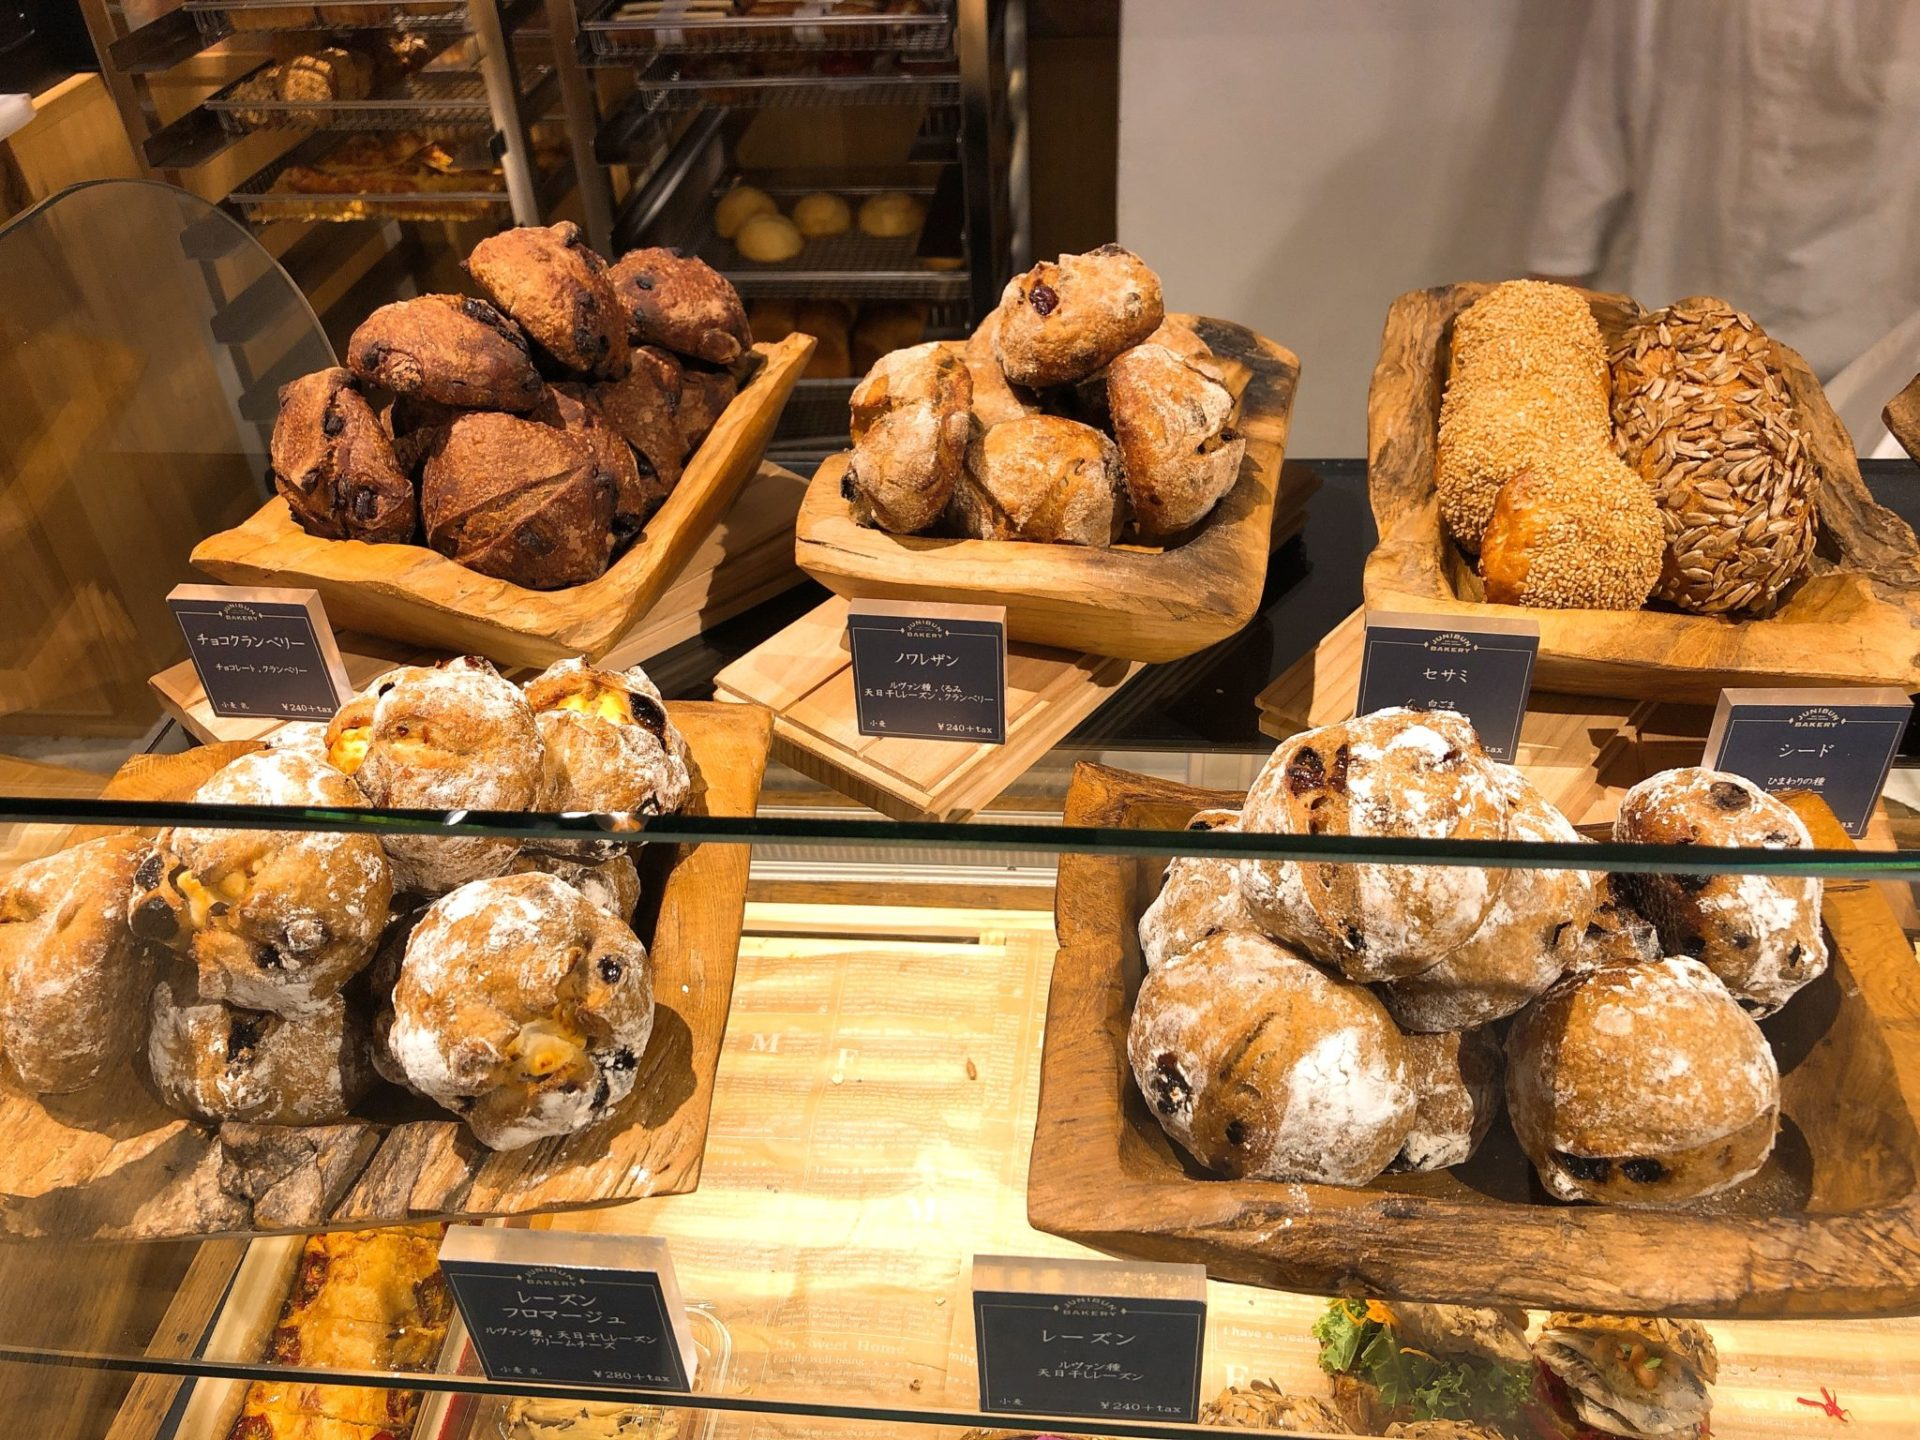 ジュウニブンベーカリー 三軒茶屋本店のハード系パン